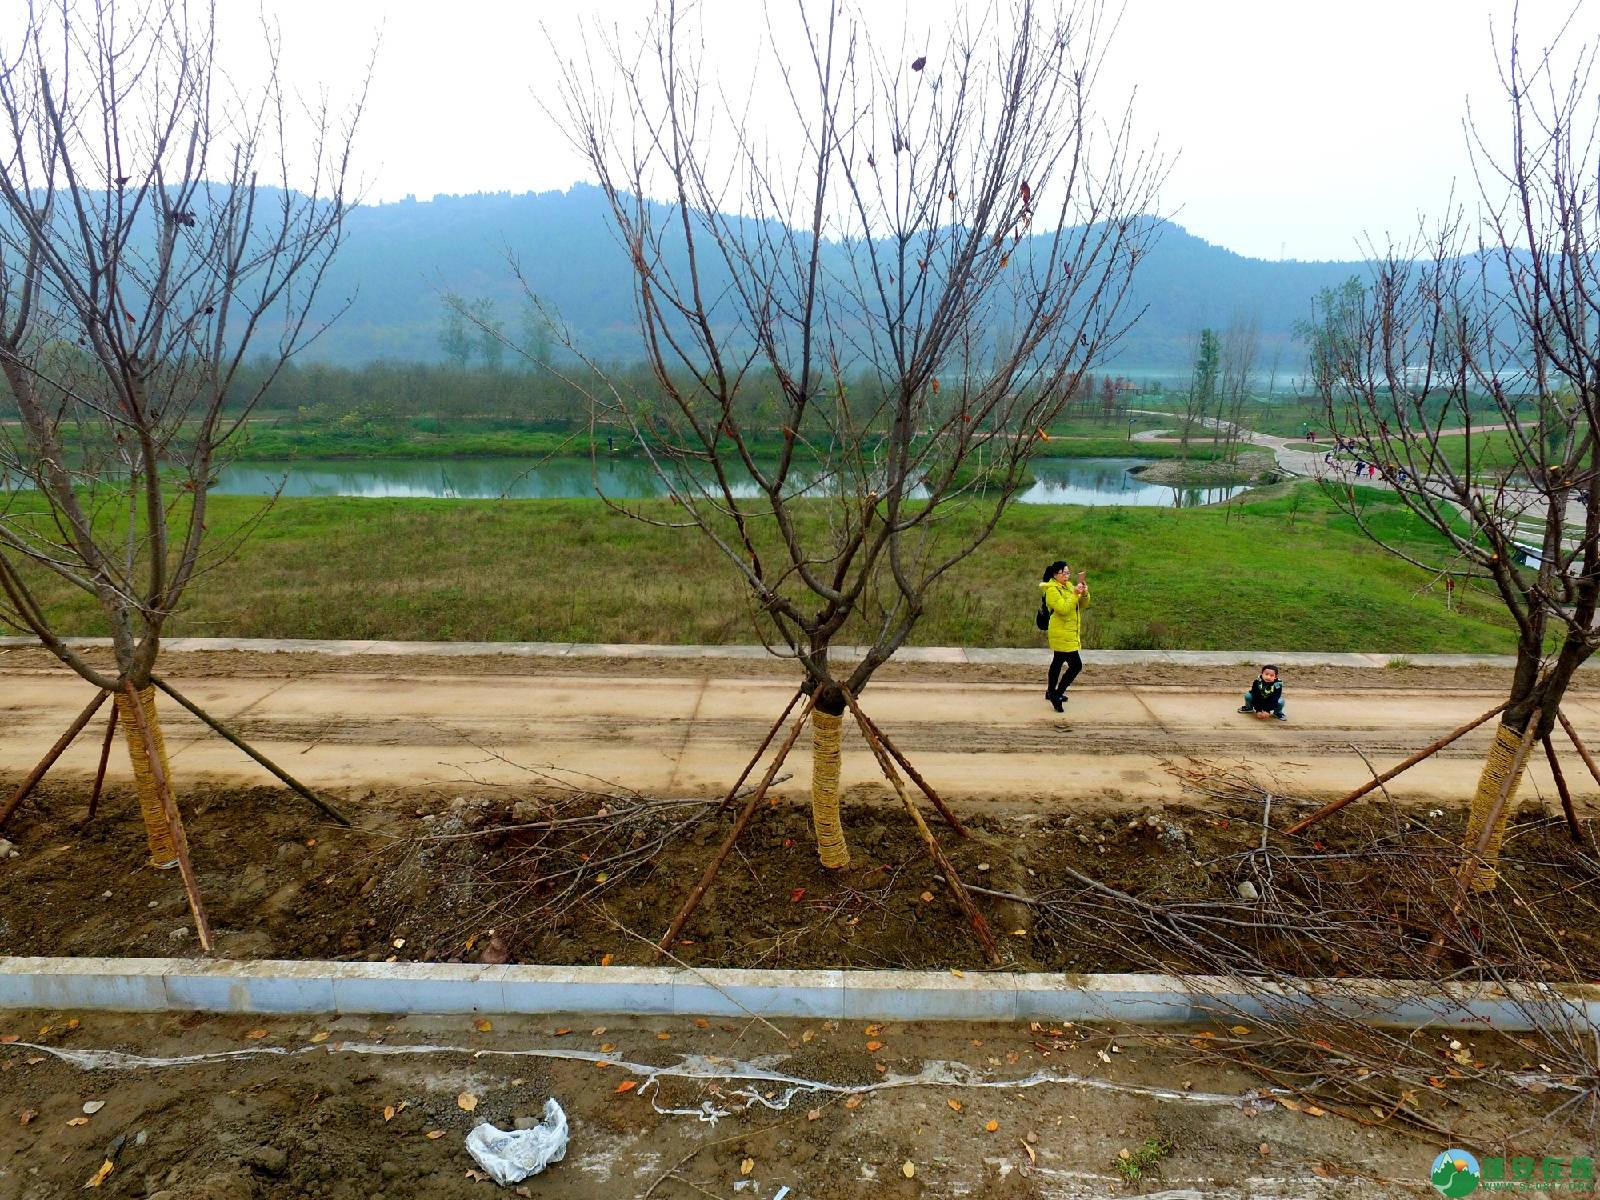 蓬安锦屏湿地公园嘉陵江跑道建设进度 - 第3张  | 蓬安在线